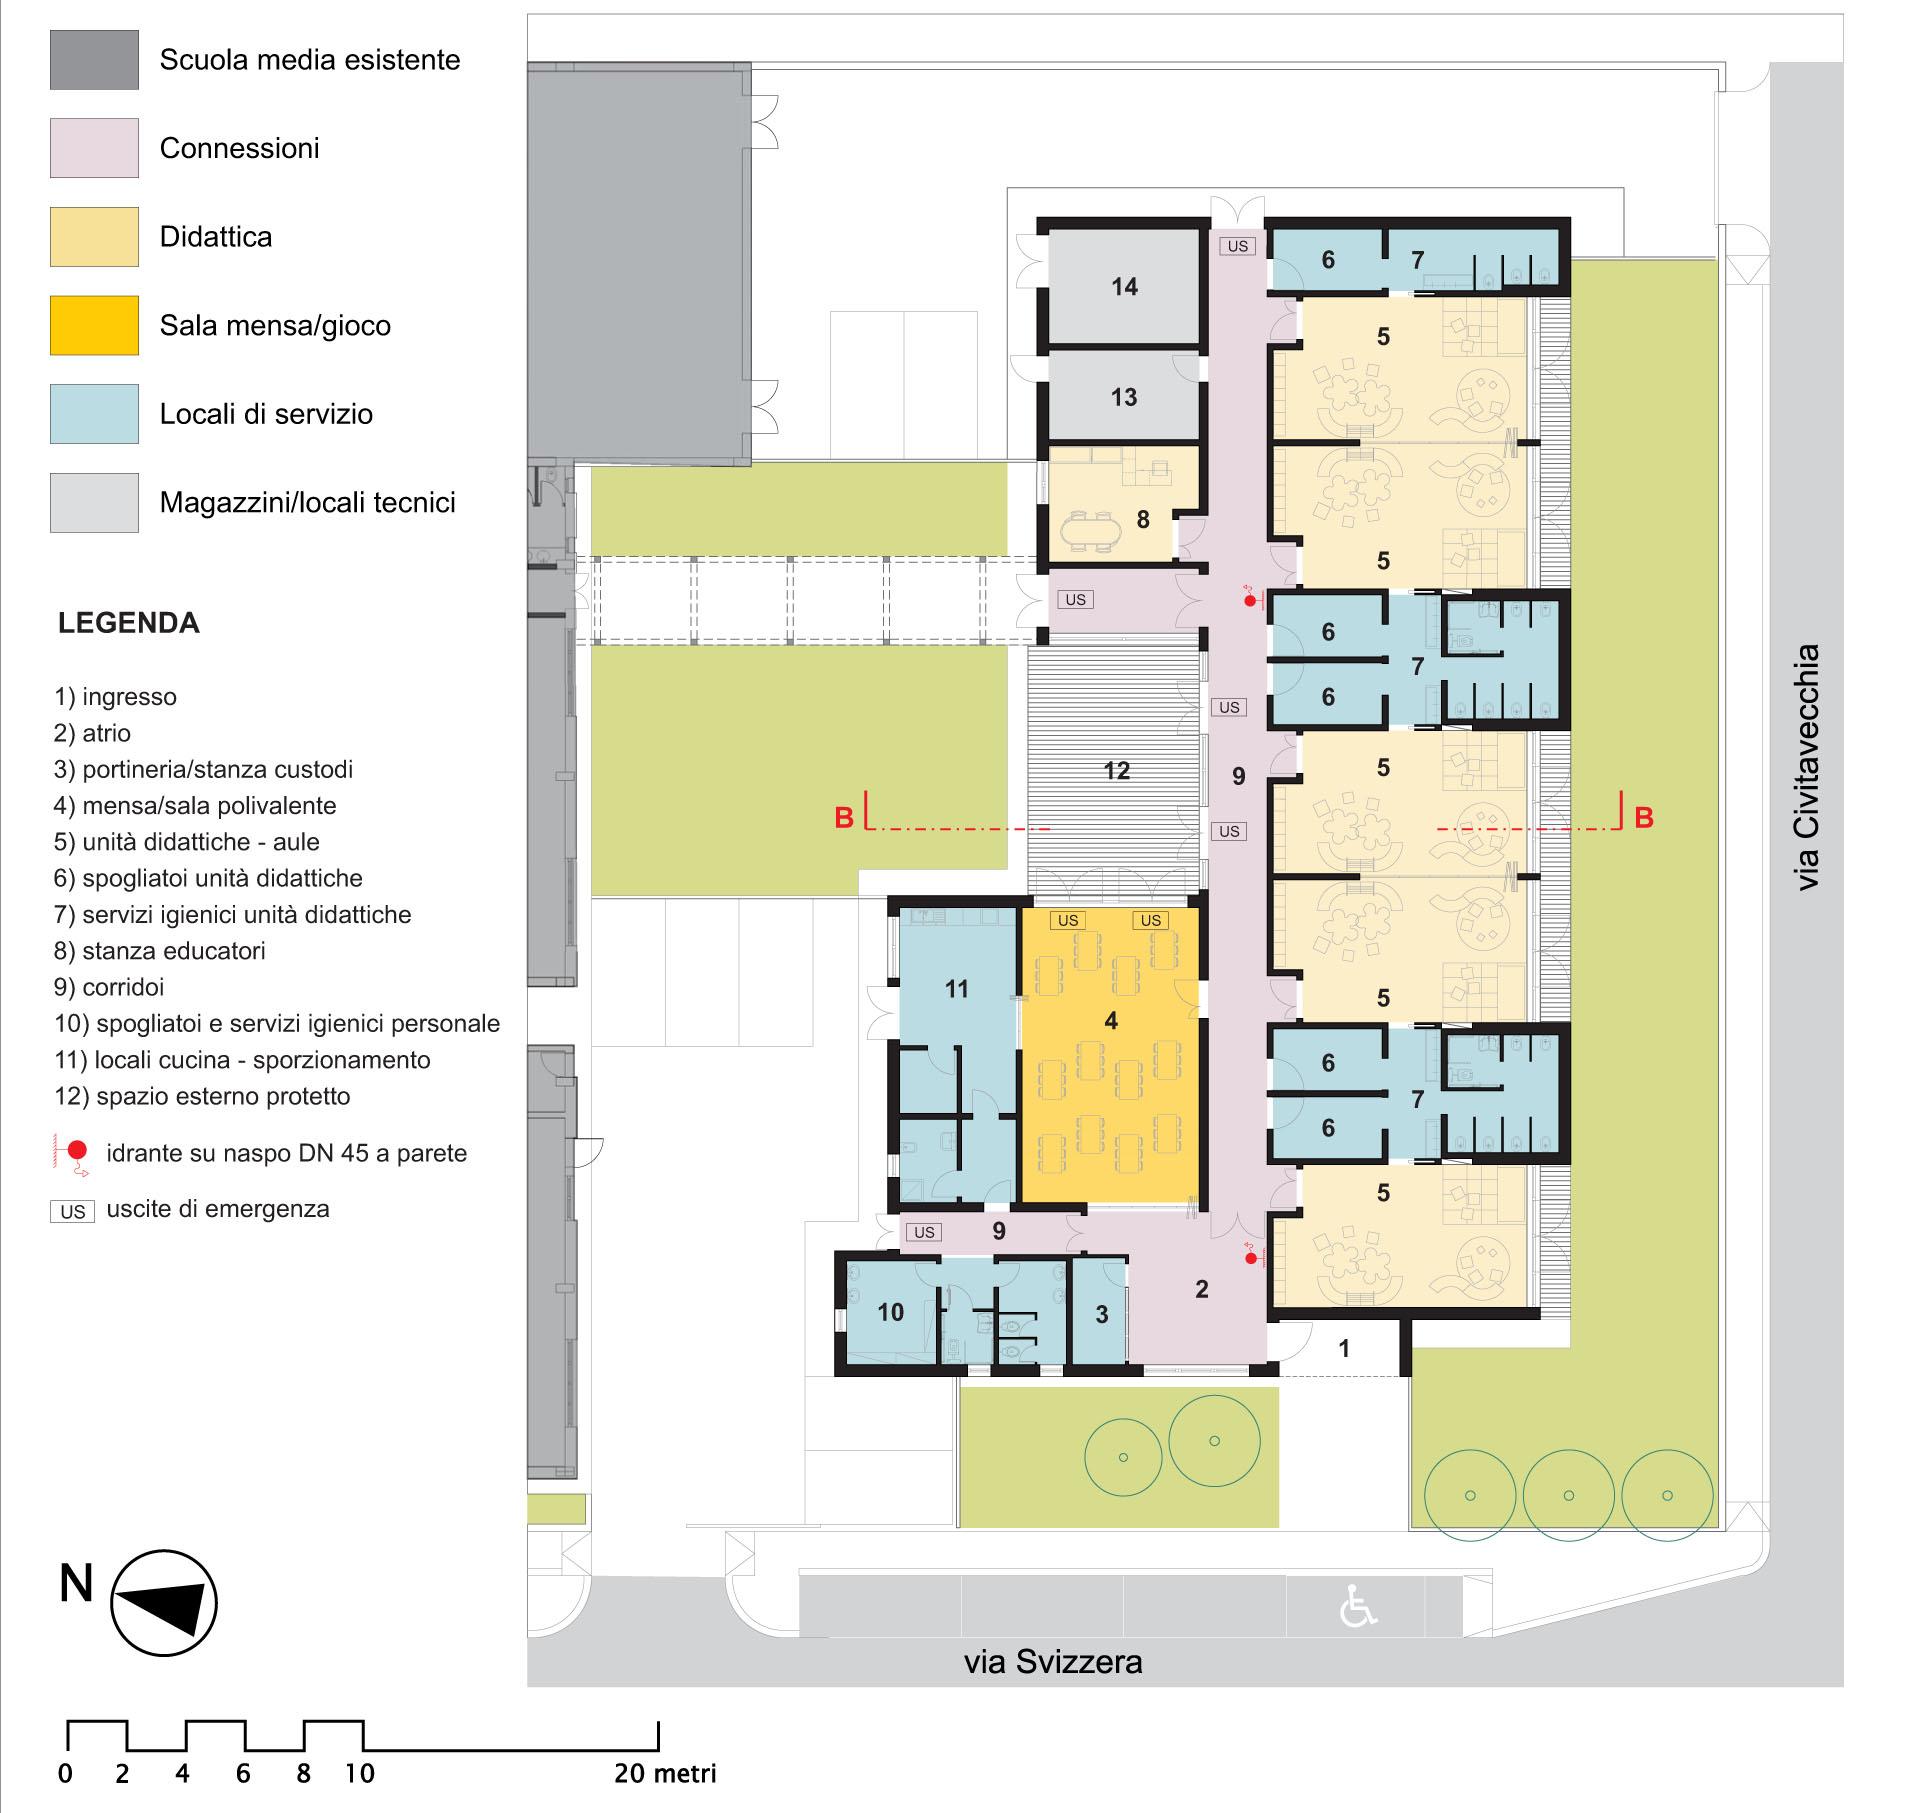 Scuola materna e scuola primaria a olbia michaelsaracino for Planimetrie dell interno della casa all aperto